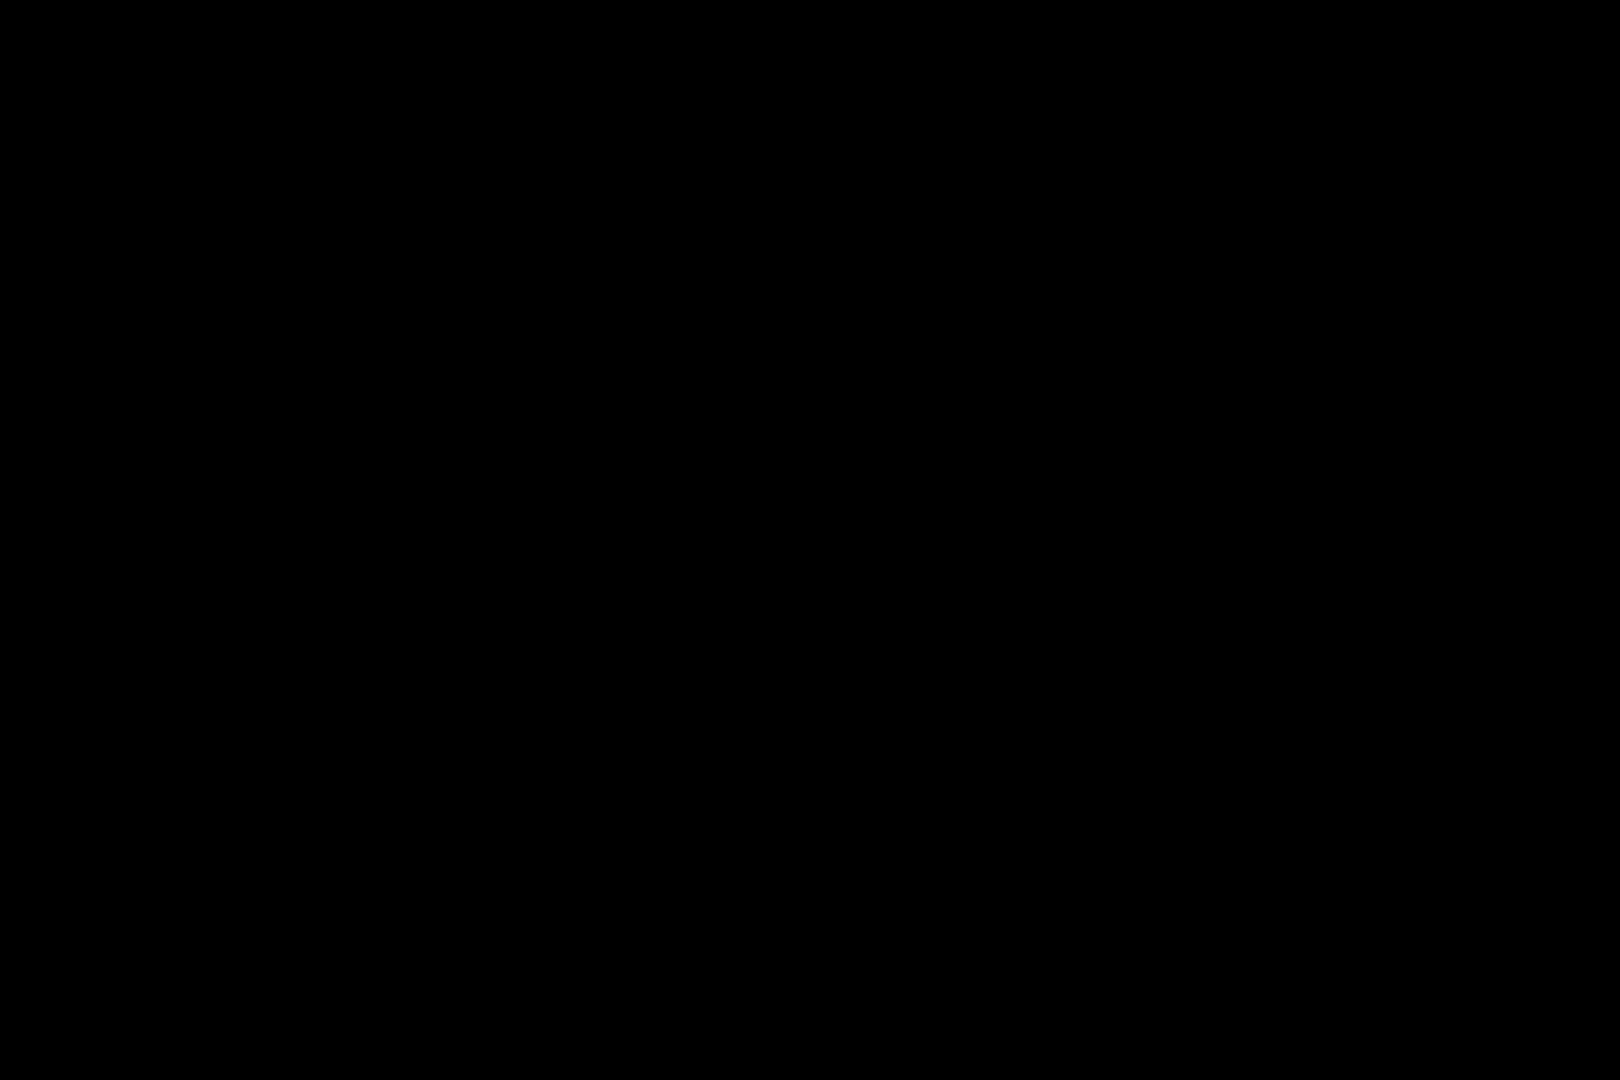 充血監督の深夜の運動会Vol.16 すけべなOL   すけべなカップル  105画像 46